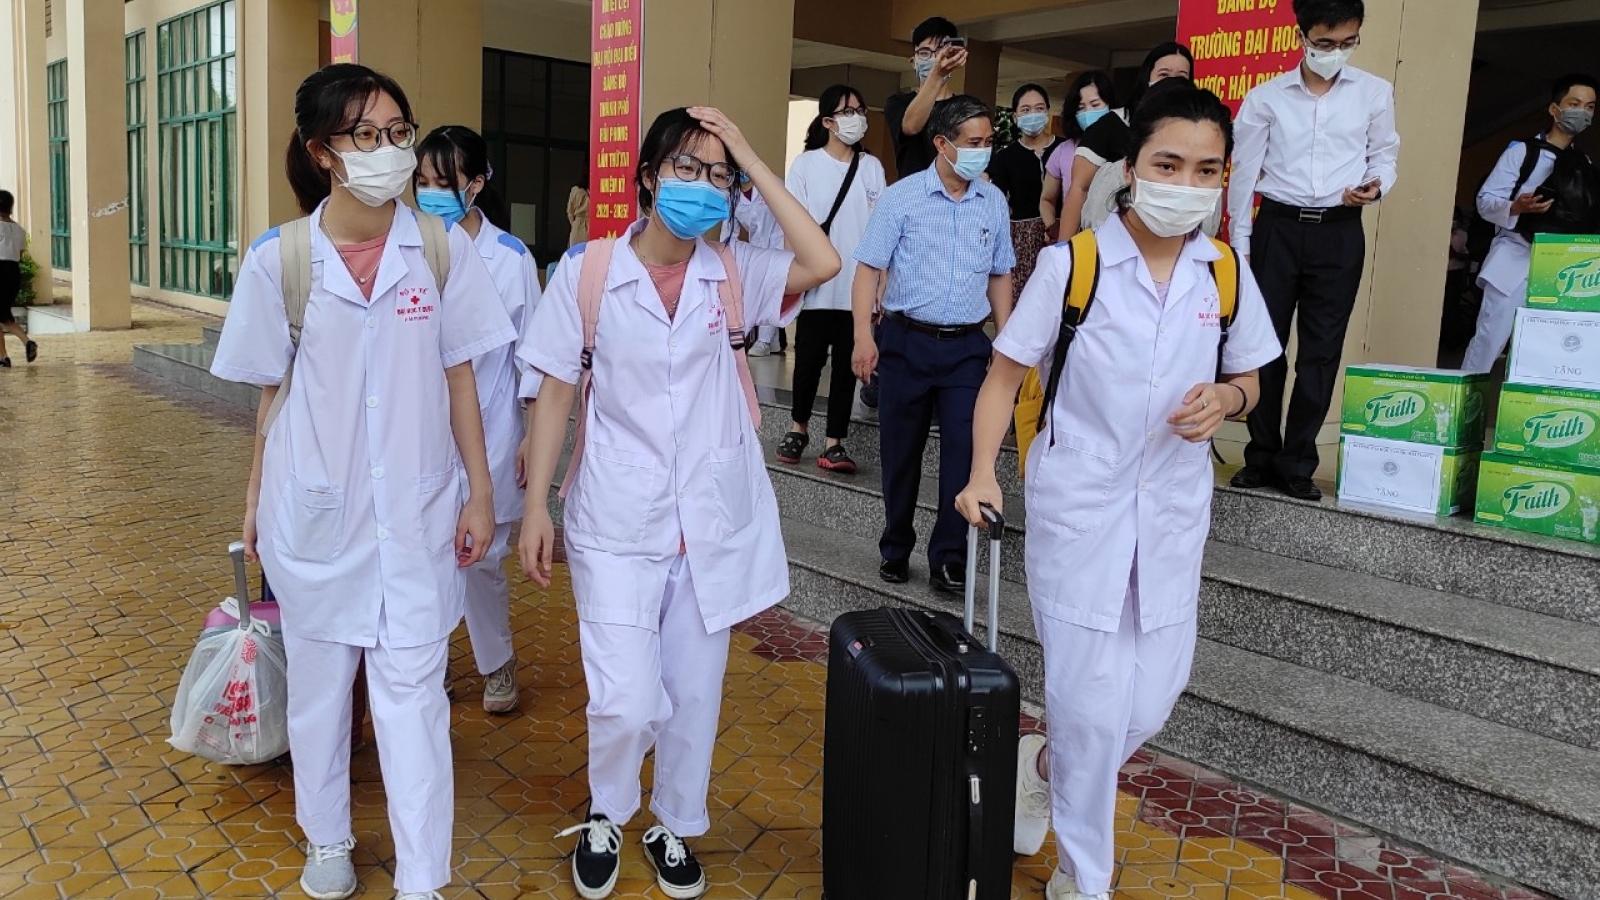 Đoàn tình nguyện Hải Phòng, Yên Bái lên đường đến Bắc Giang hỗ trợ chống dịch